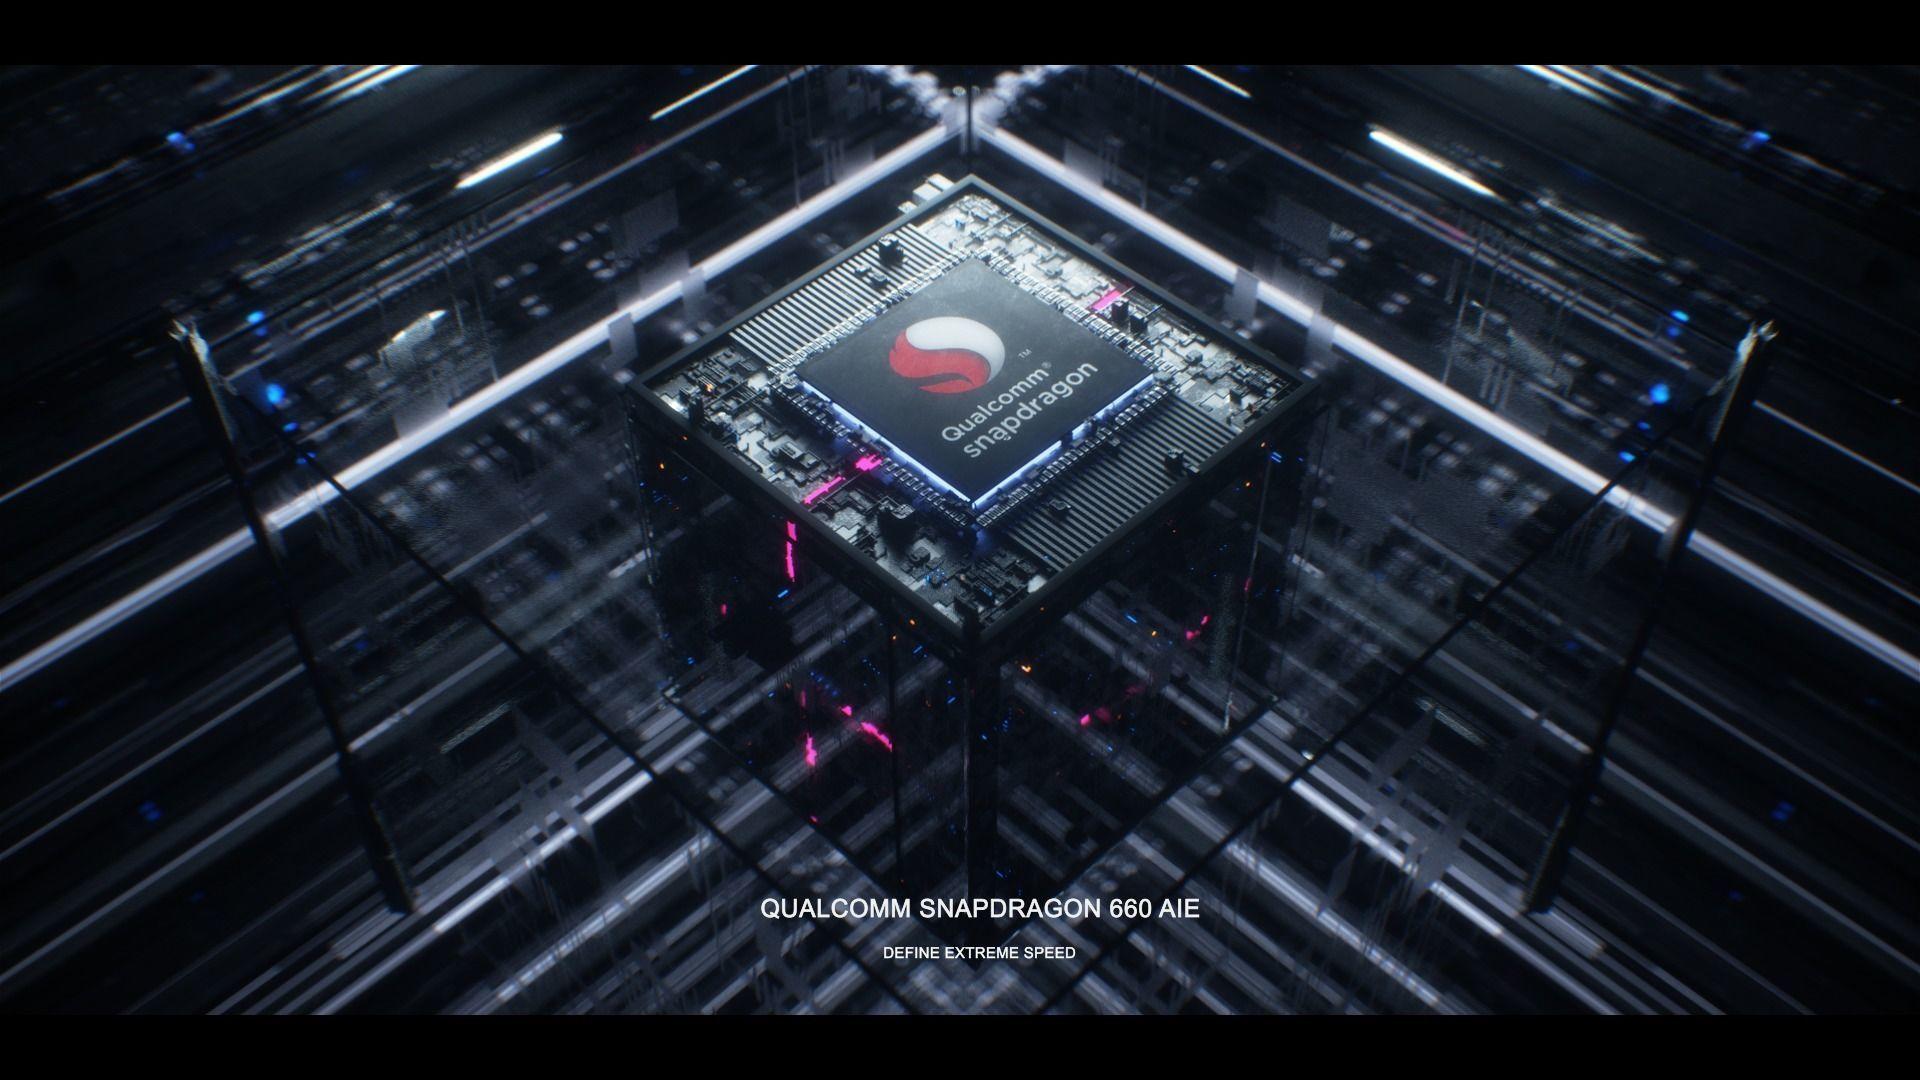 CPU CONCEPT DESIGN